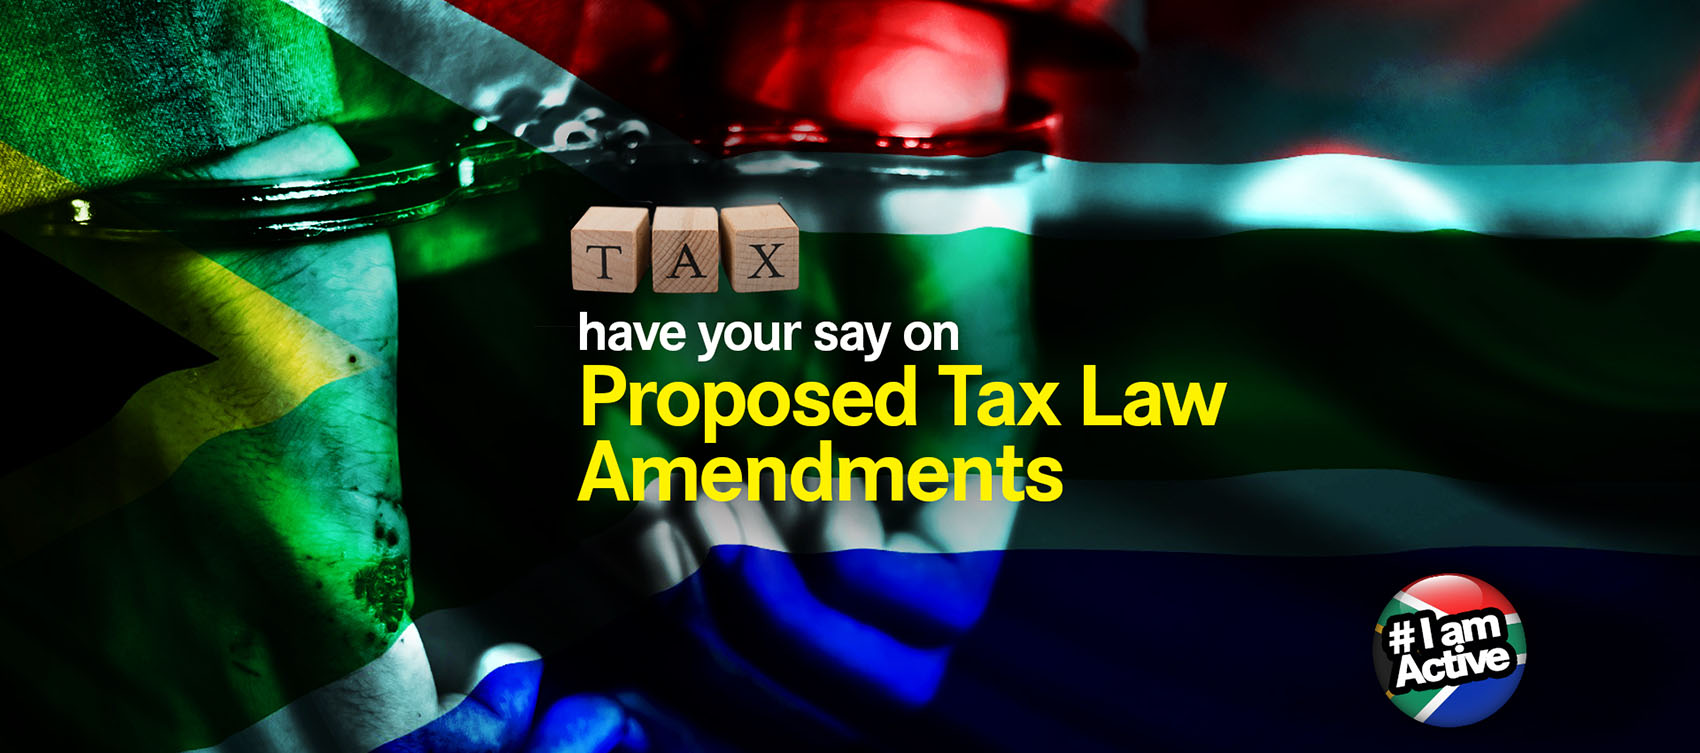 tax-law-amendments-DearSA